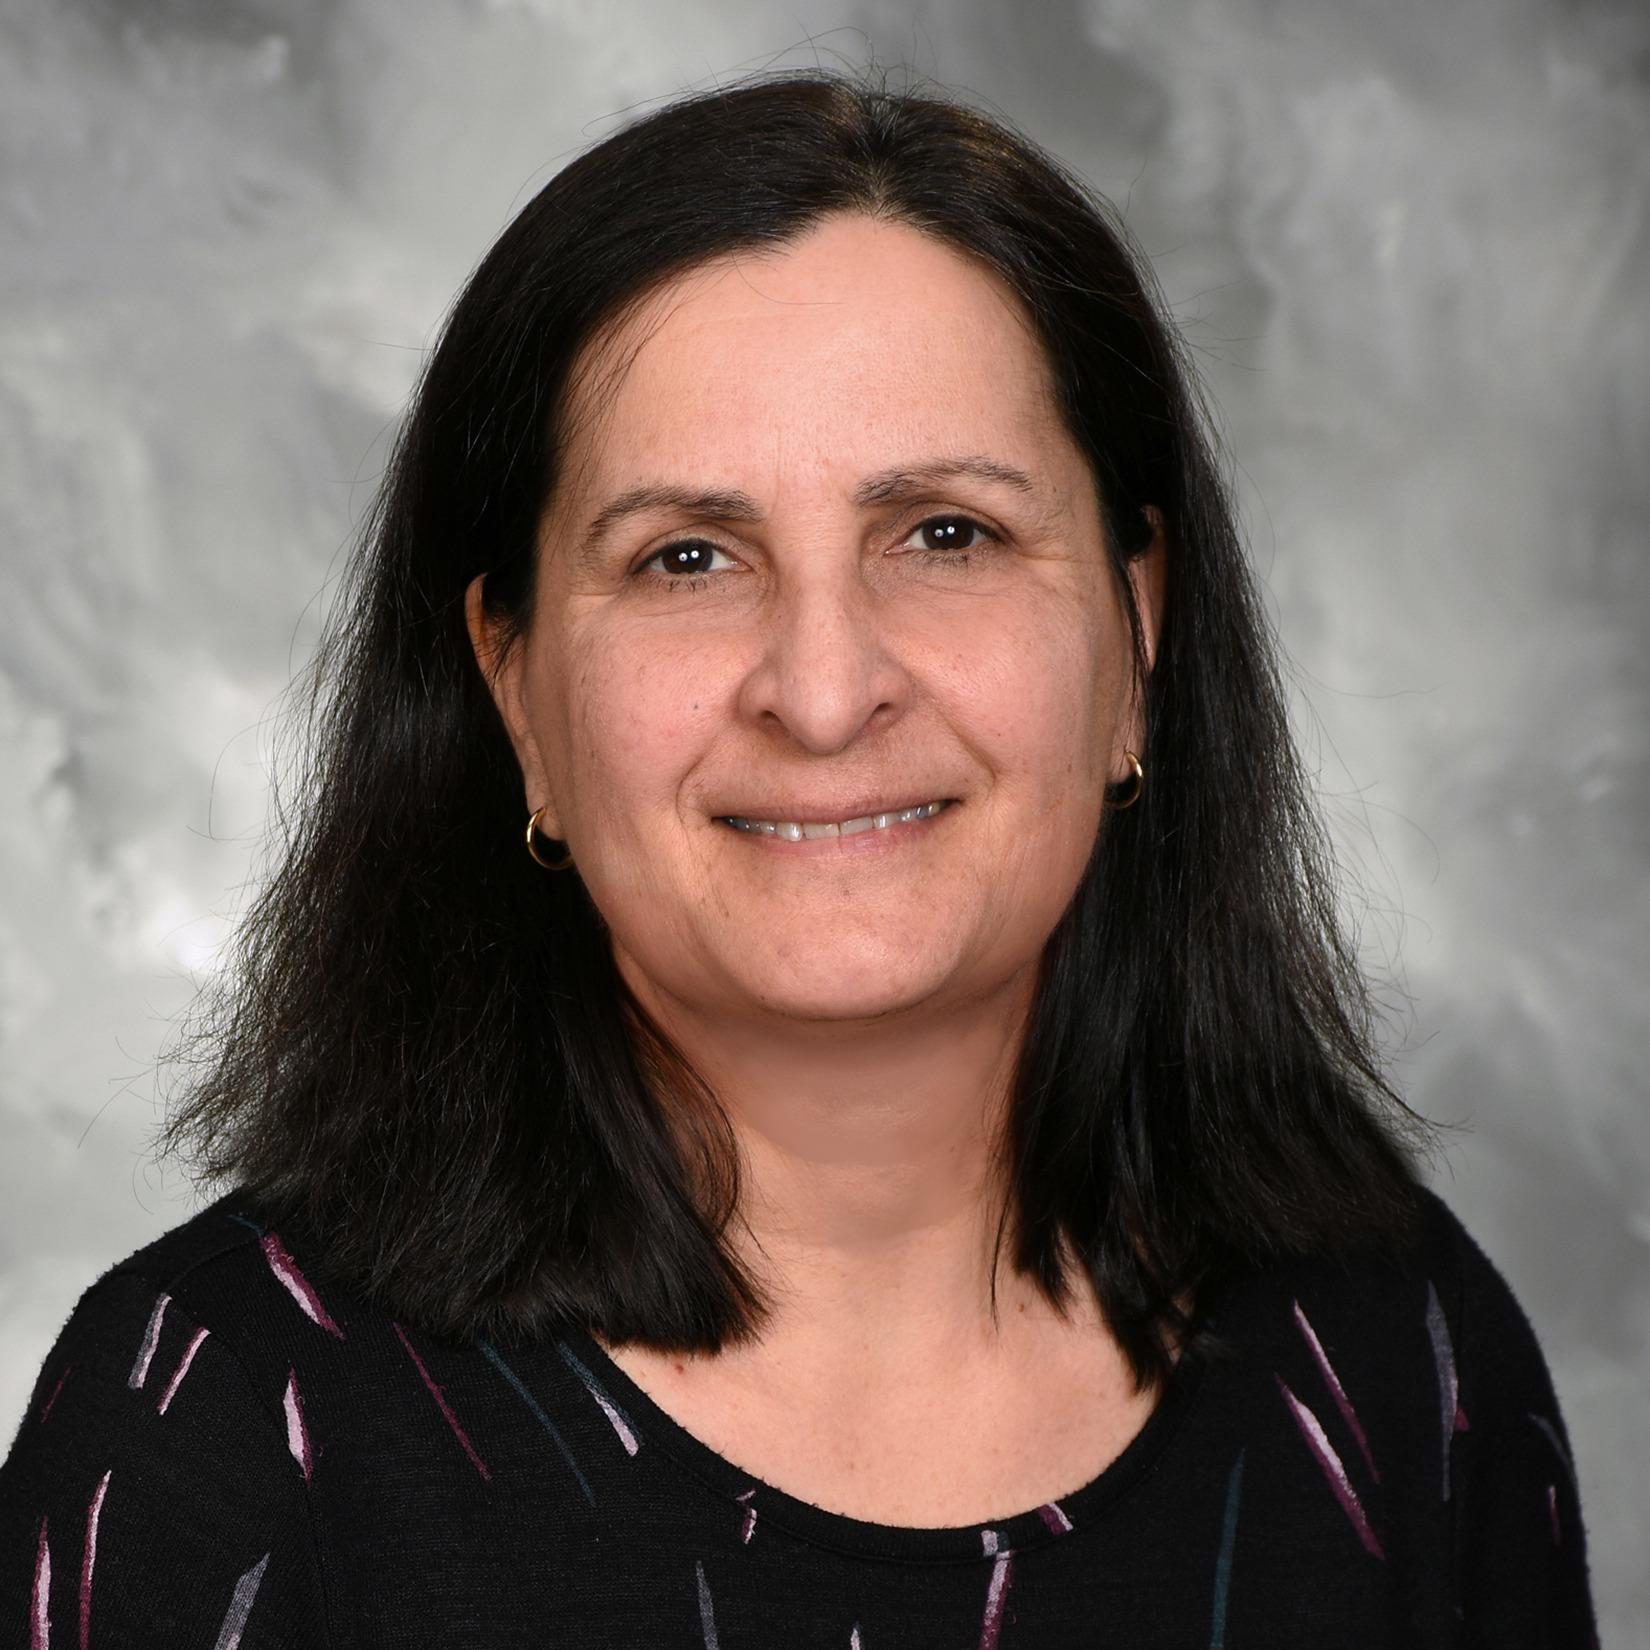 Dr. Susan D'Emic